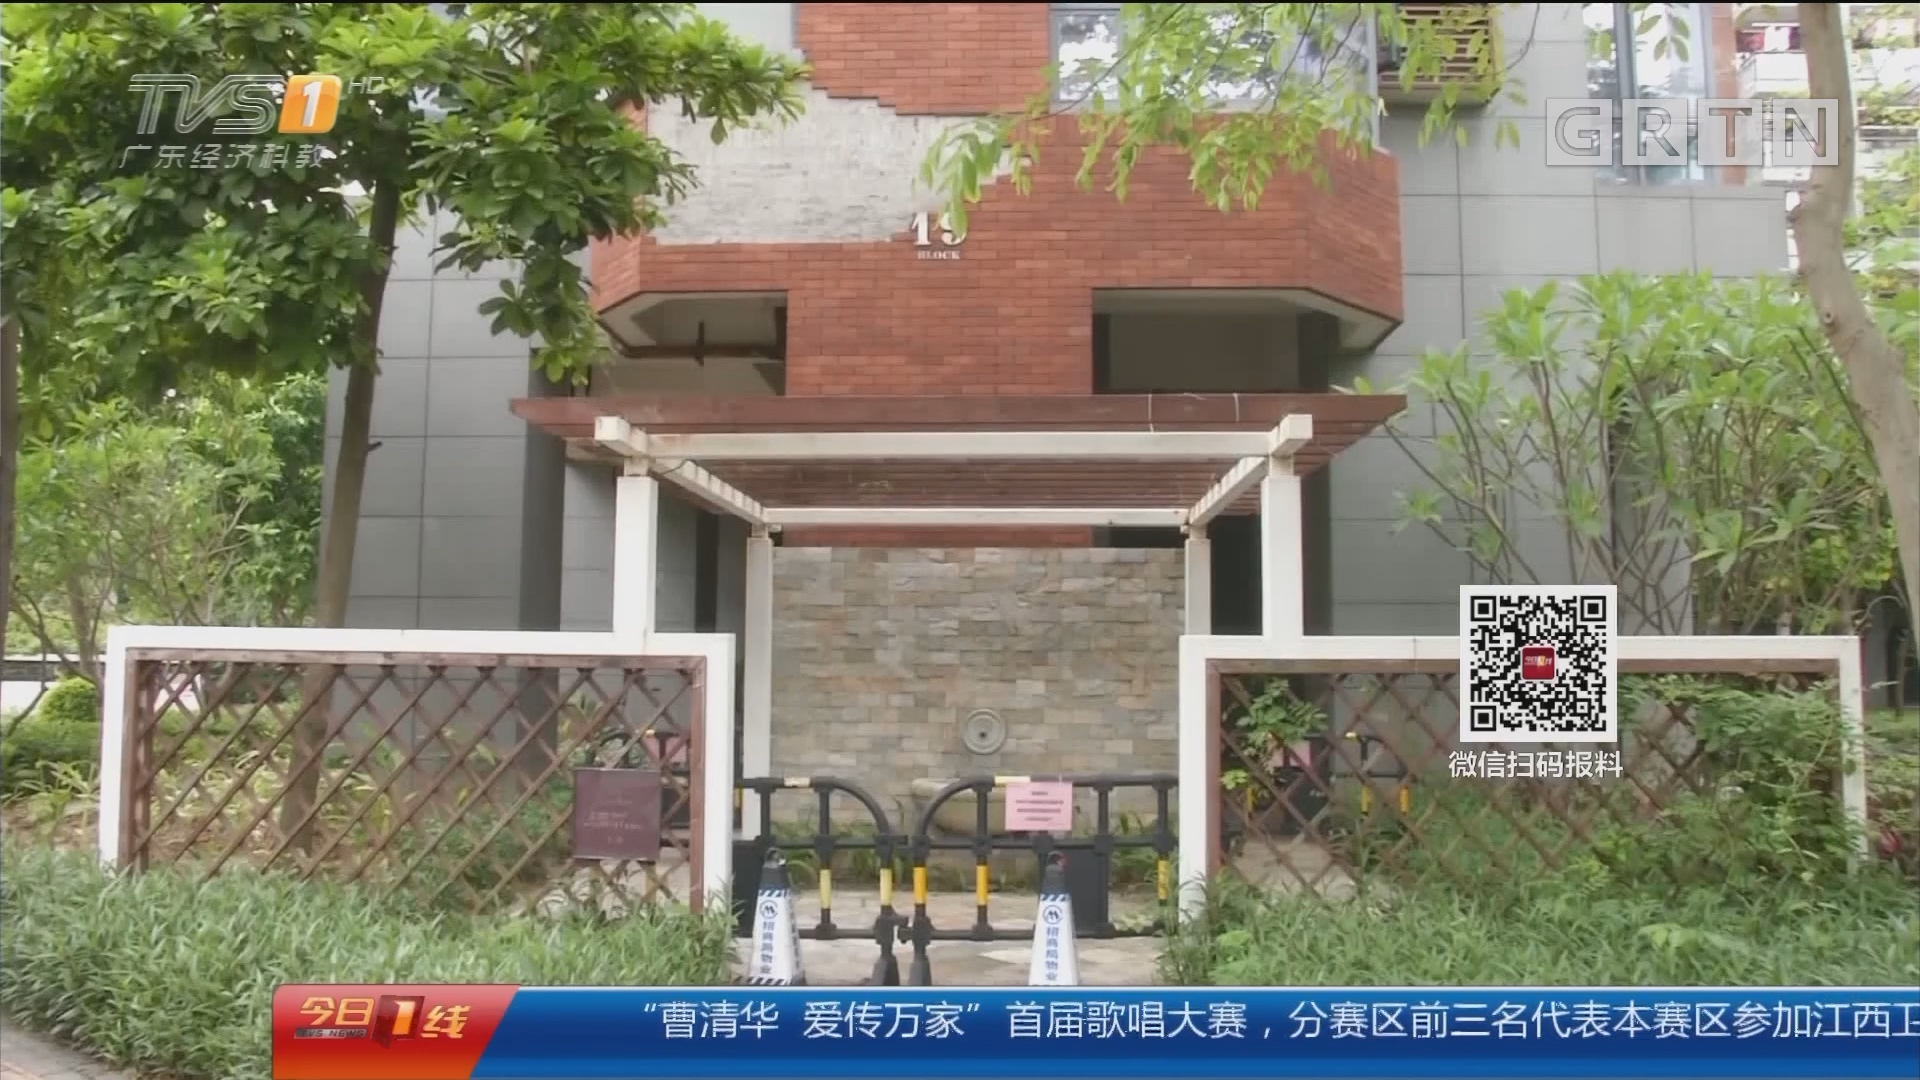 深圳:小区41处墙体脱落 孩子出门戴头盔